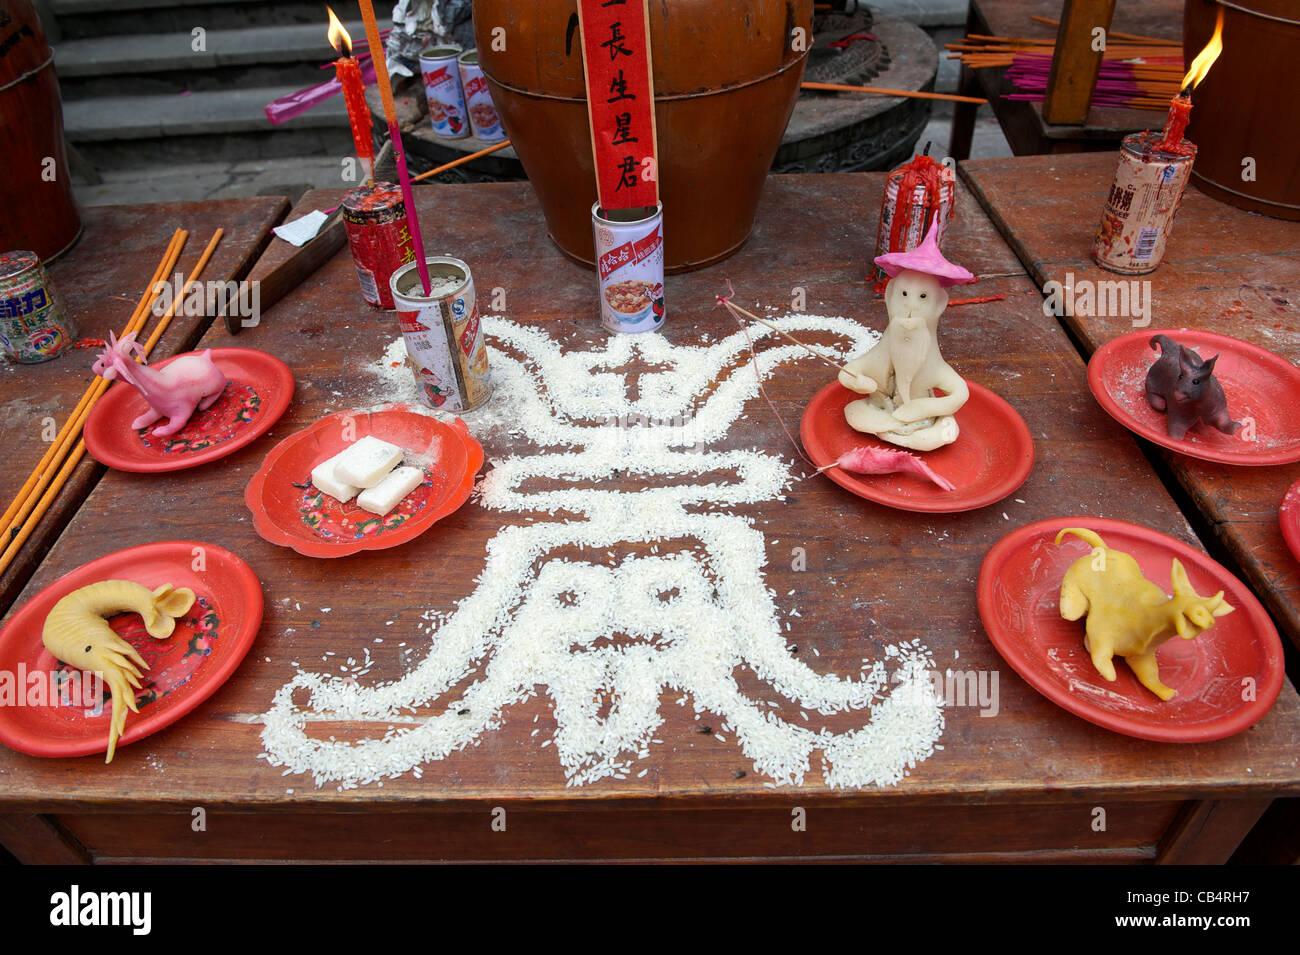 Segno di longevità - fatta con il riso a un tempio taoista durante il Festival Xiayuan in Cina. 2011 Immagini Stock